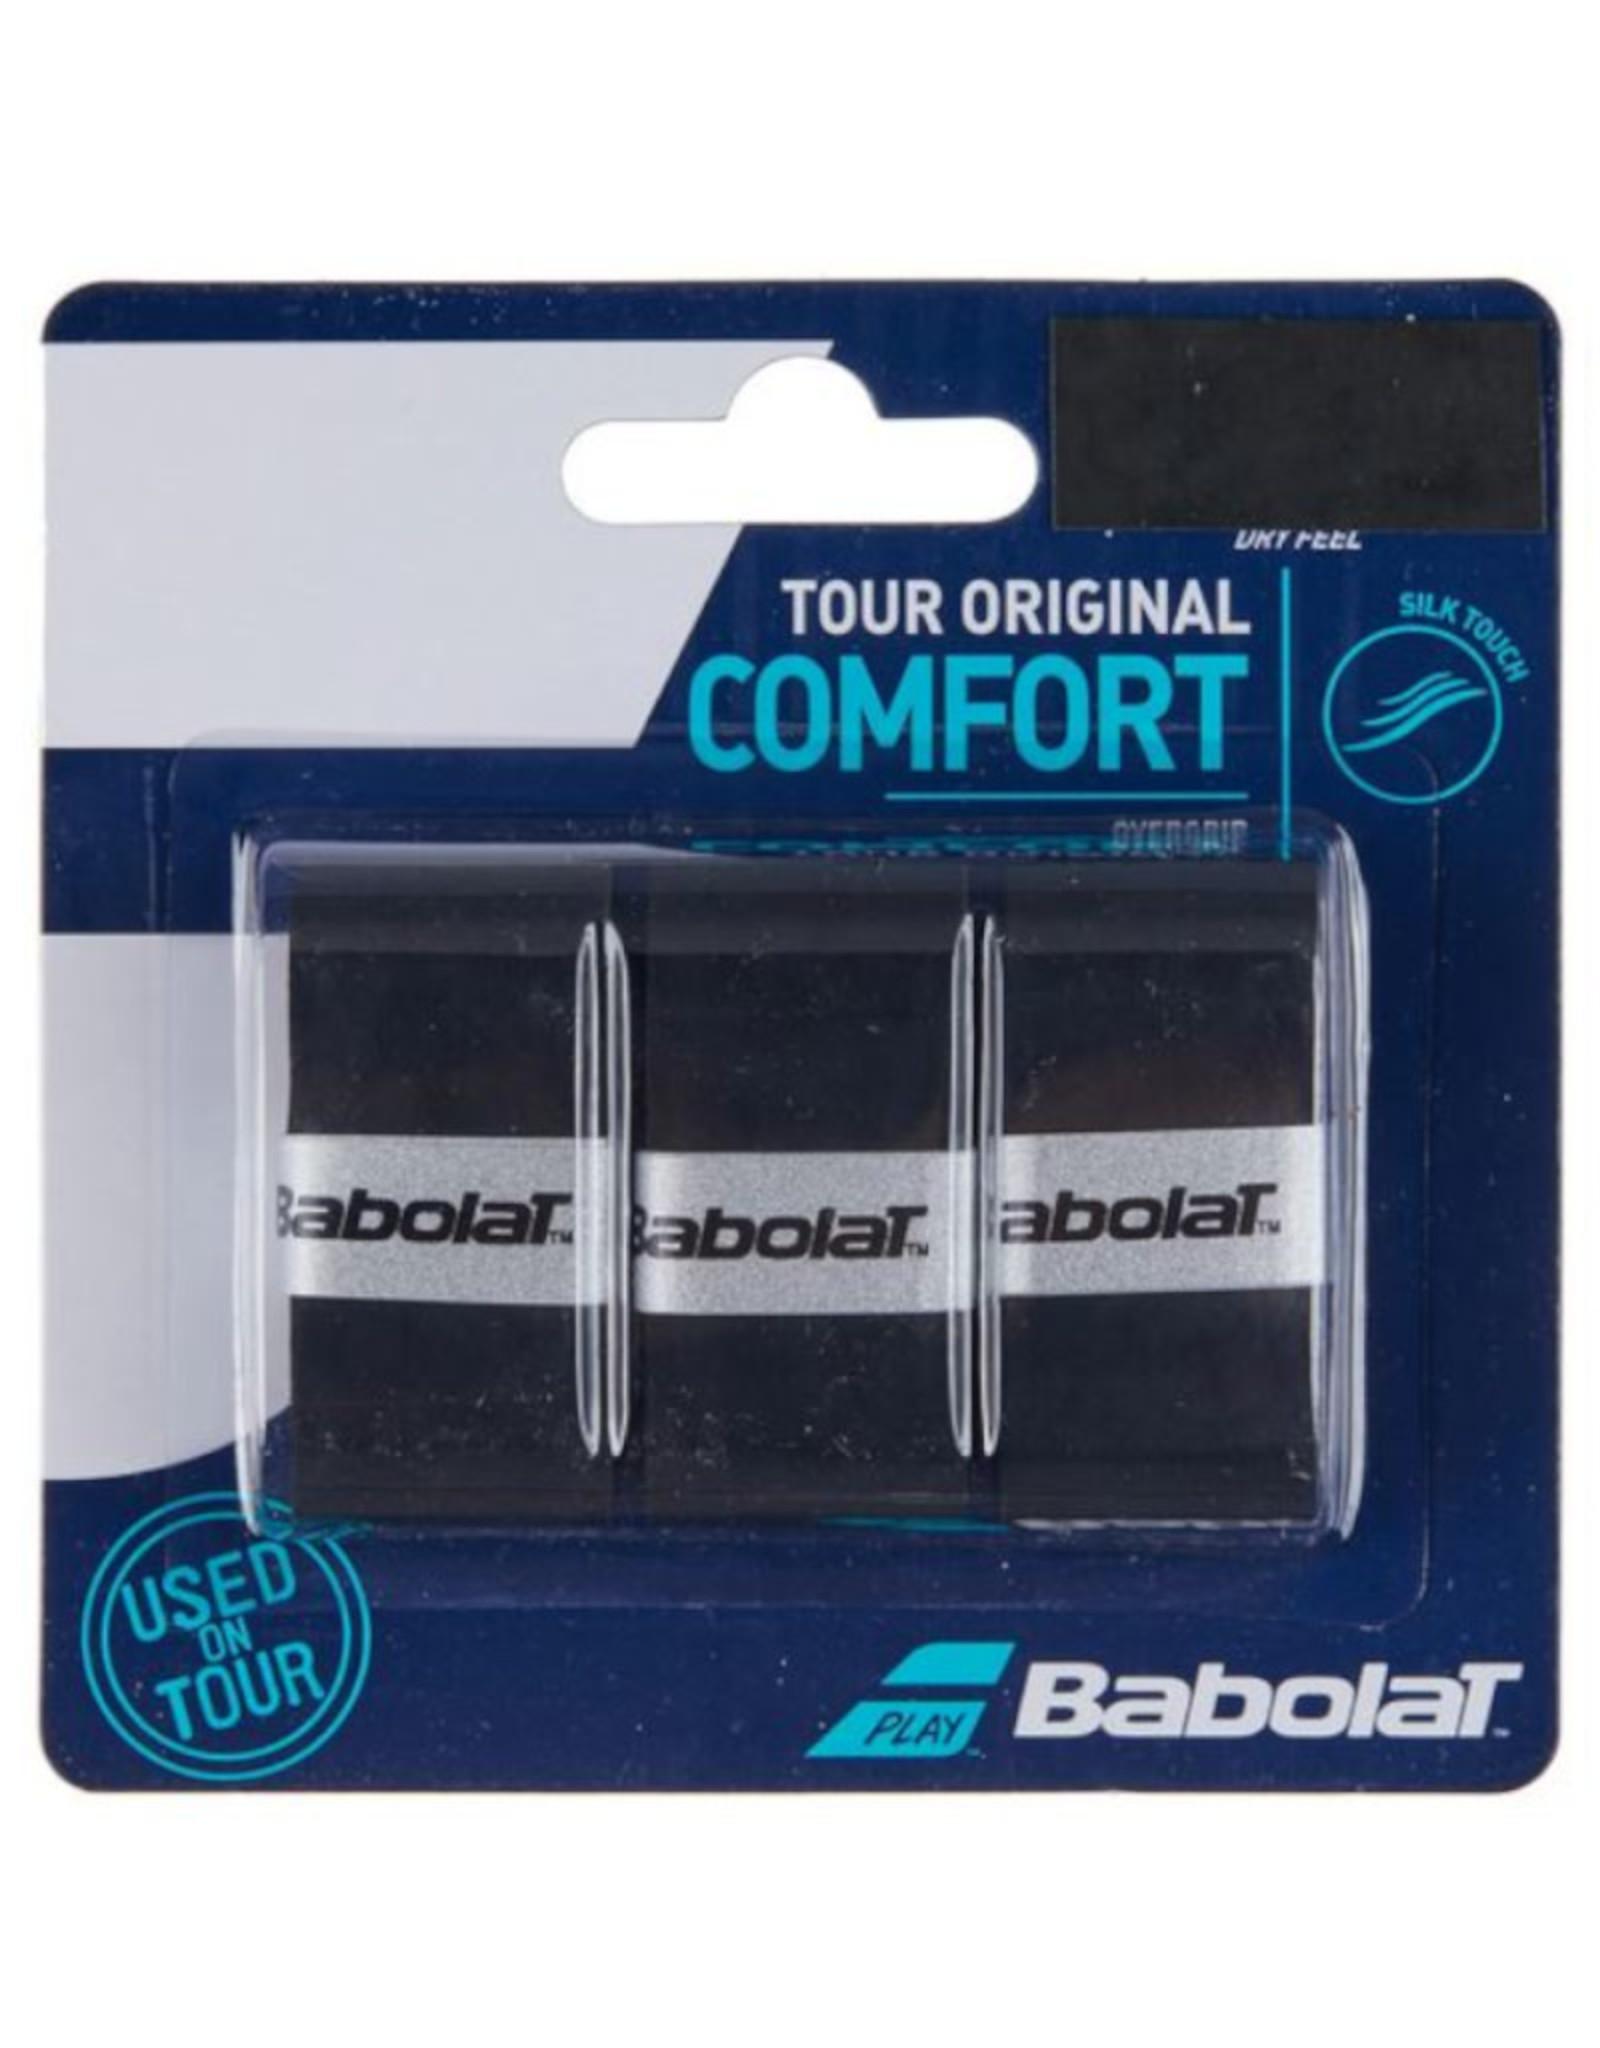 BABOLAT BABOLAT TOUR ORIGINAL COMFORT BLACK